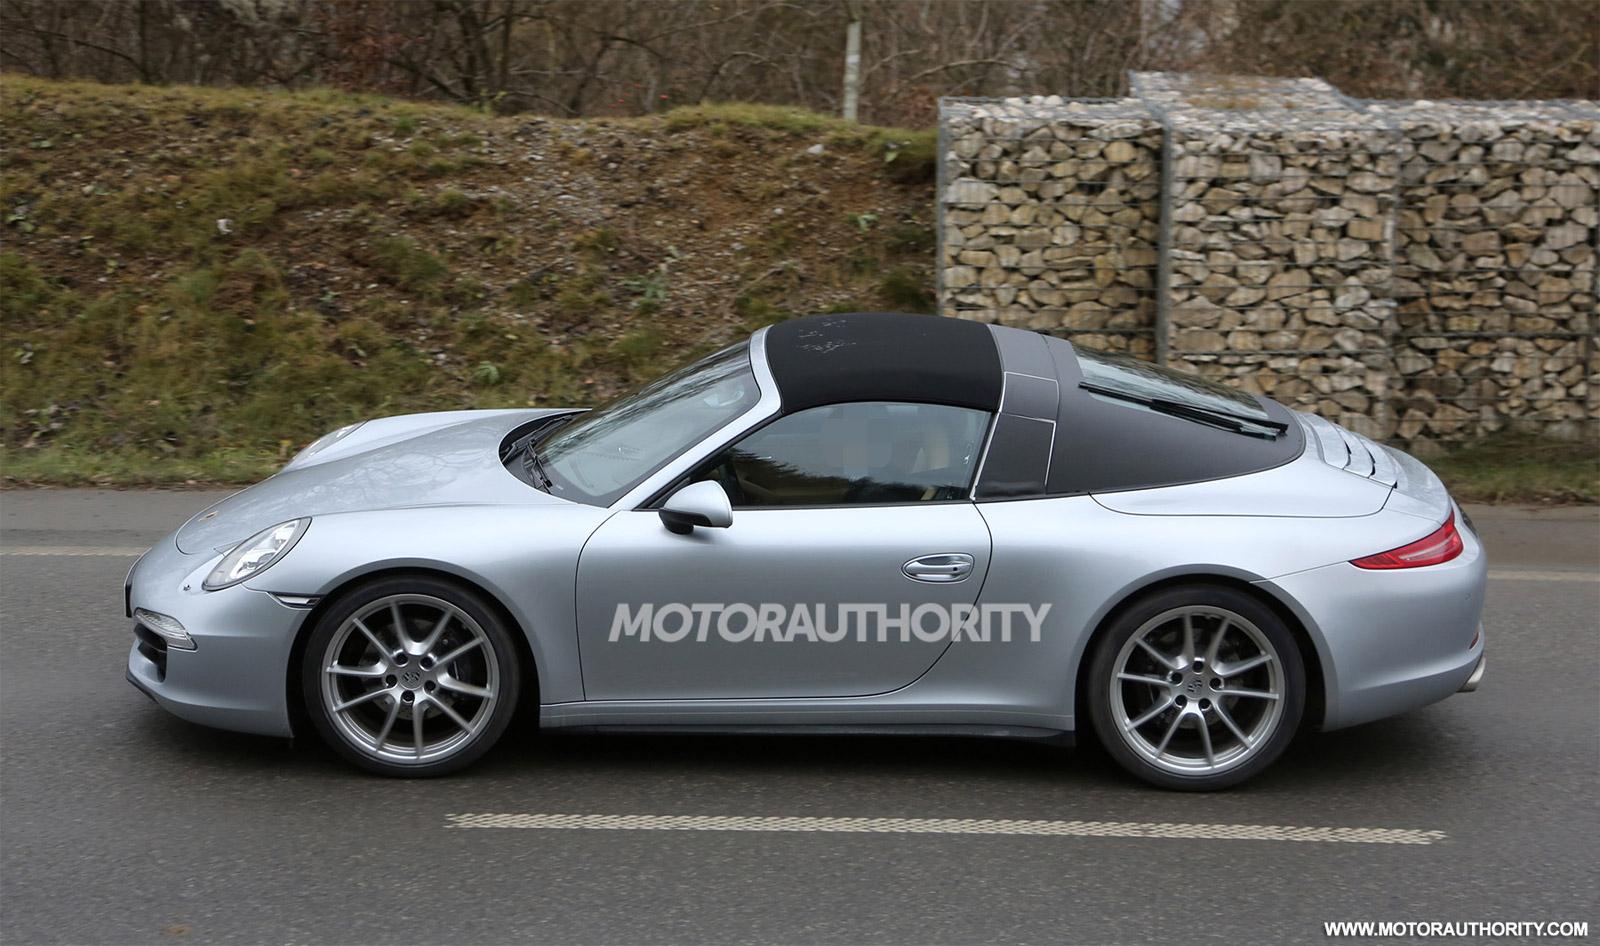 2015 porsche 911 11 porsche 911 11 - 2015 Porsche 911 Coupe